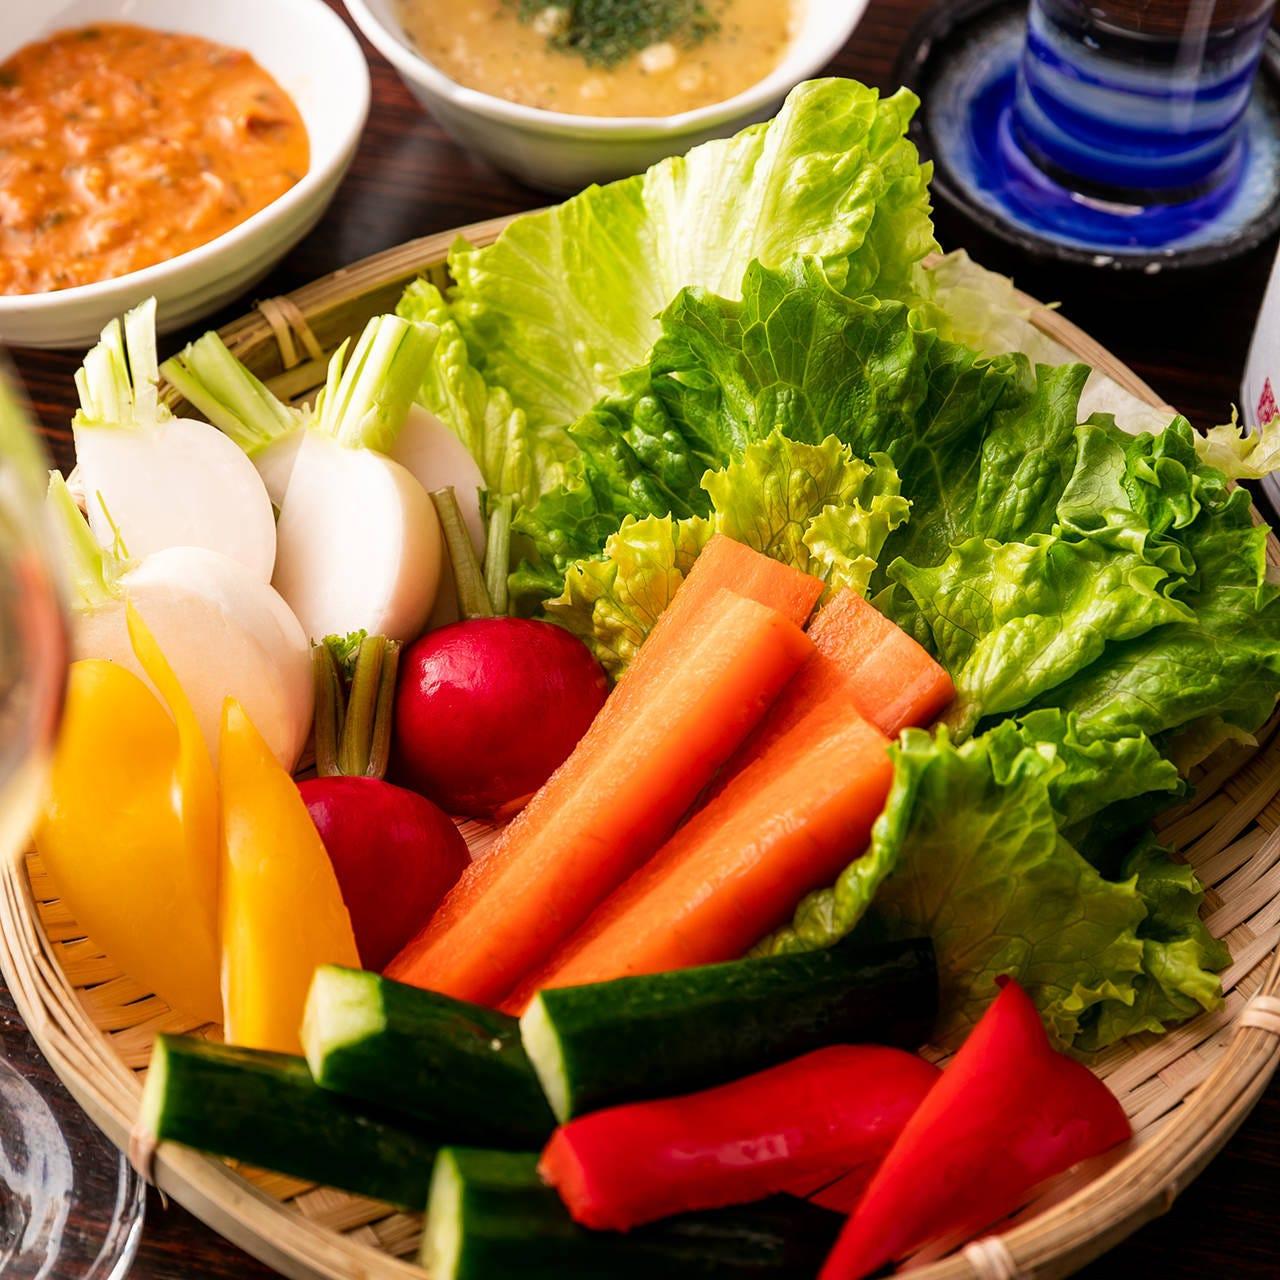 旬の地野菜のざる盛バーニャカウダーソースと特製味噌ディップで